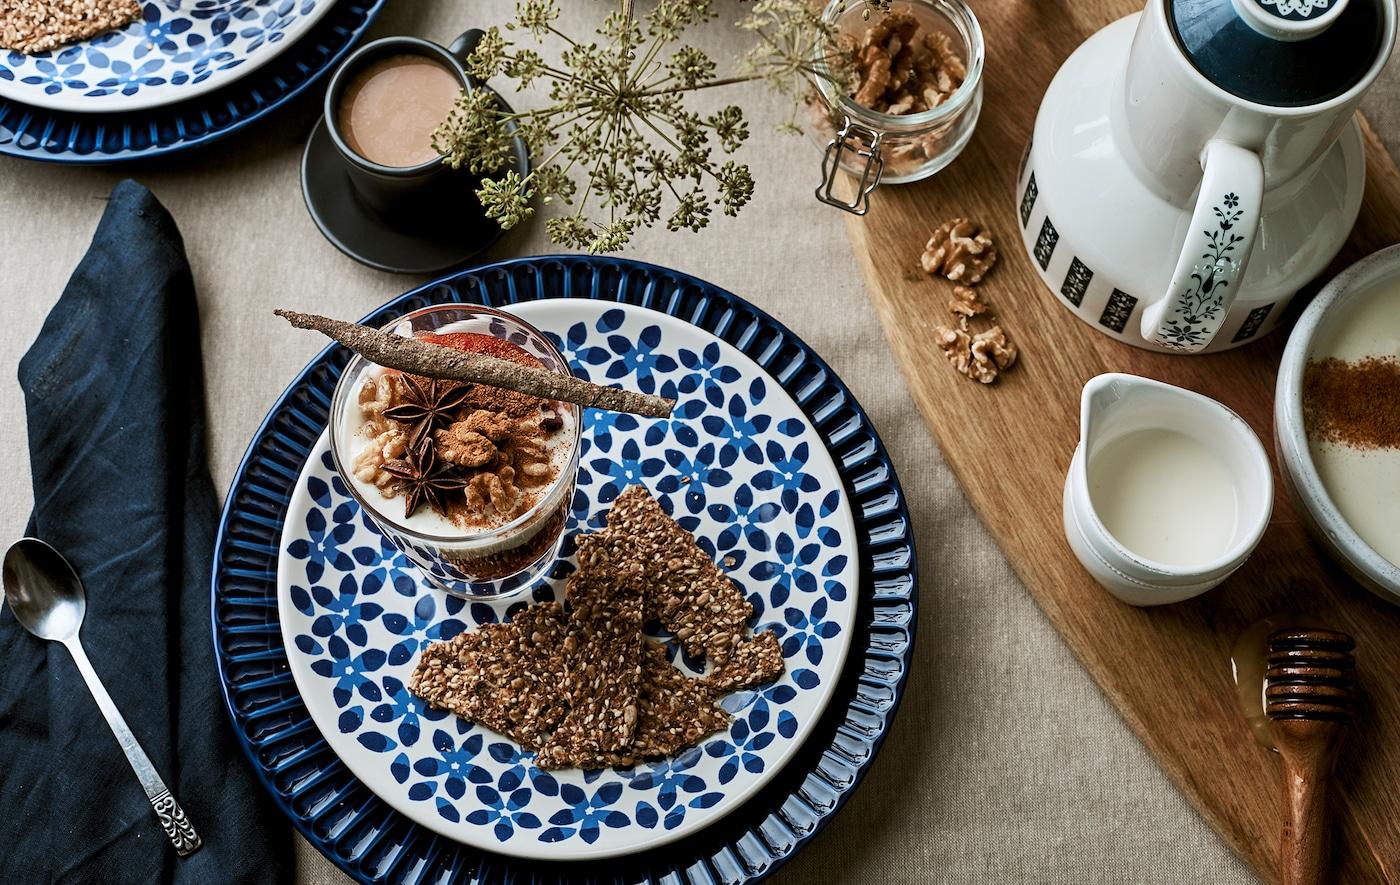 Masă aranjată pentru micul dejun, cu față de masă, farfurii albastre cu model, granola într-un pahar și accesorii pentru cafea pe un tocător.